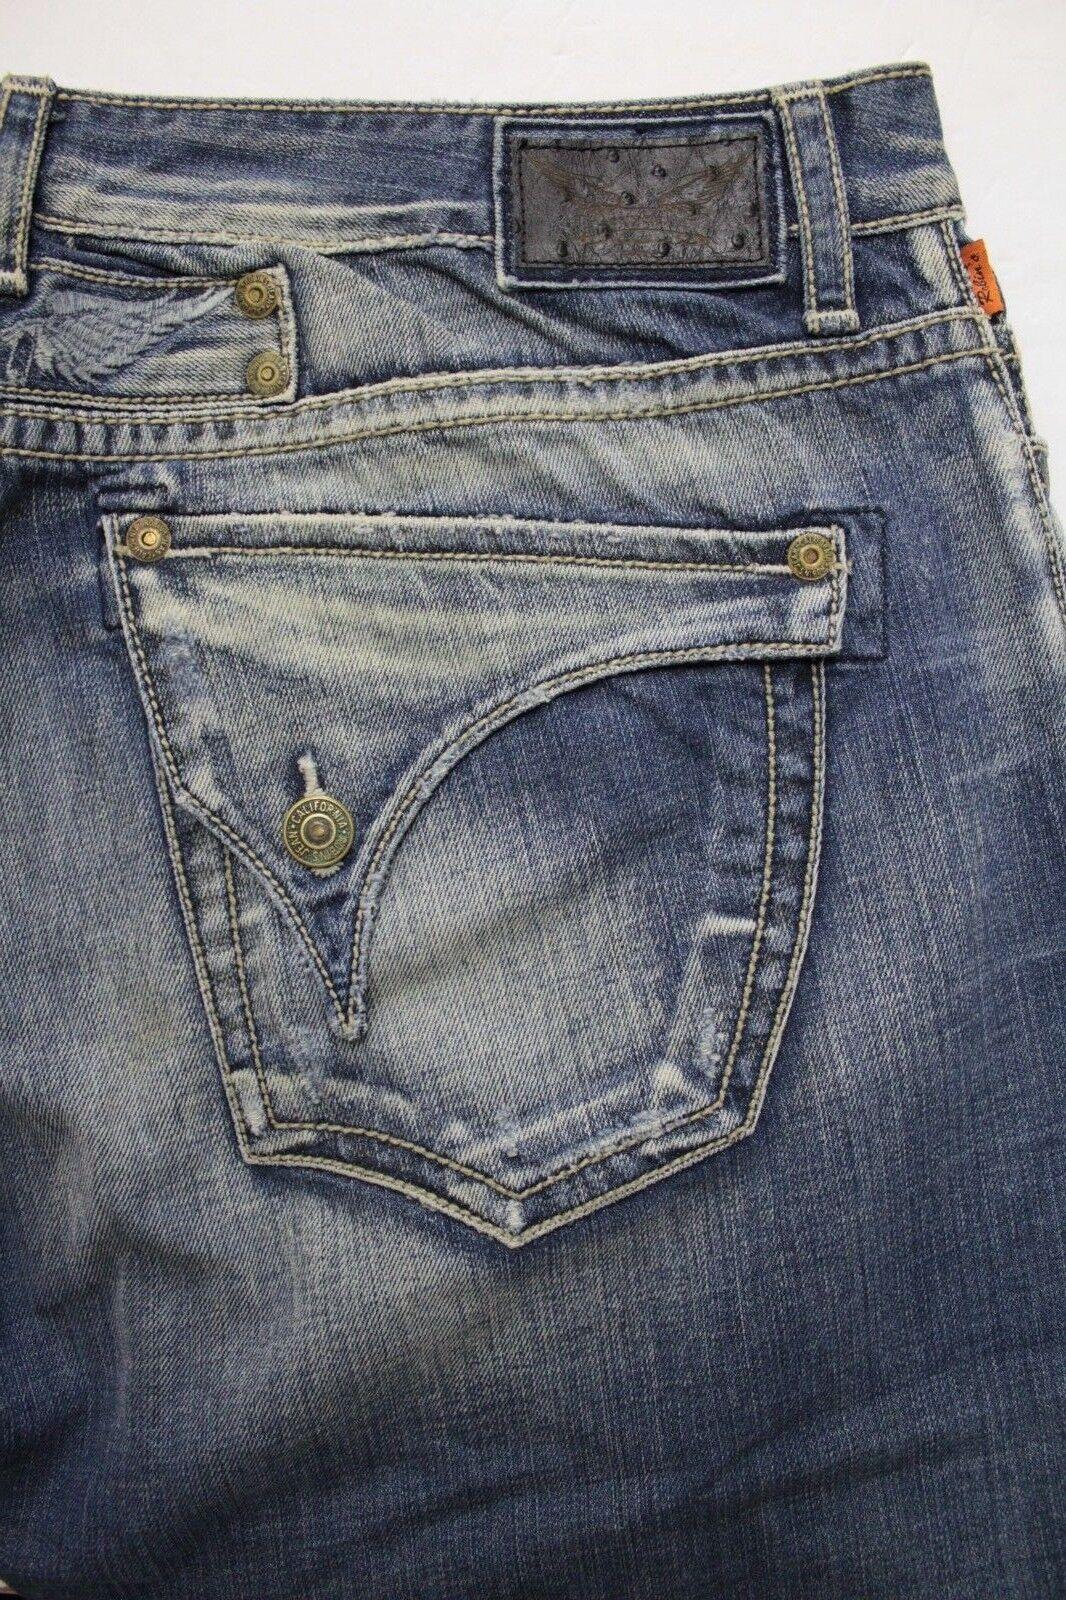 Robin's Jean Long Flap - Size 42